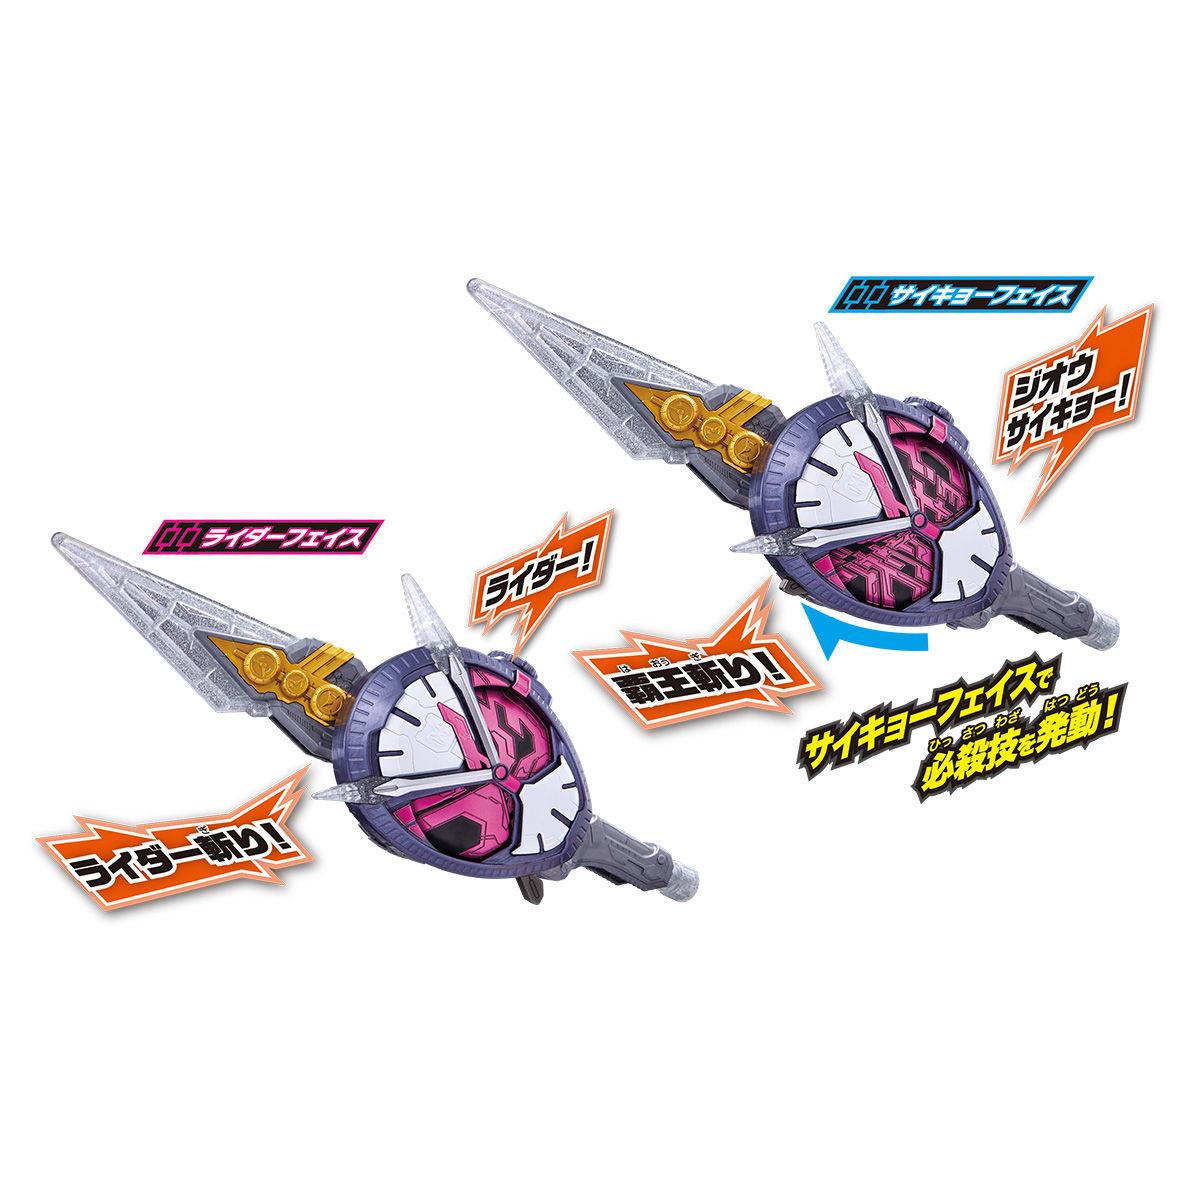 仮面ライダージオウ『時冠王剣 DXサイキョーギレード』 変身なりきり-006